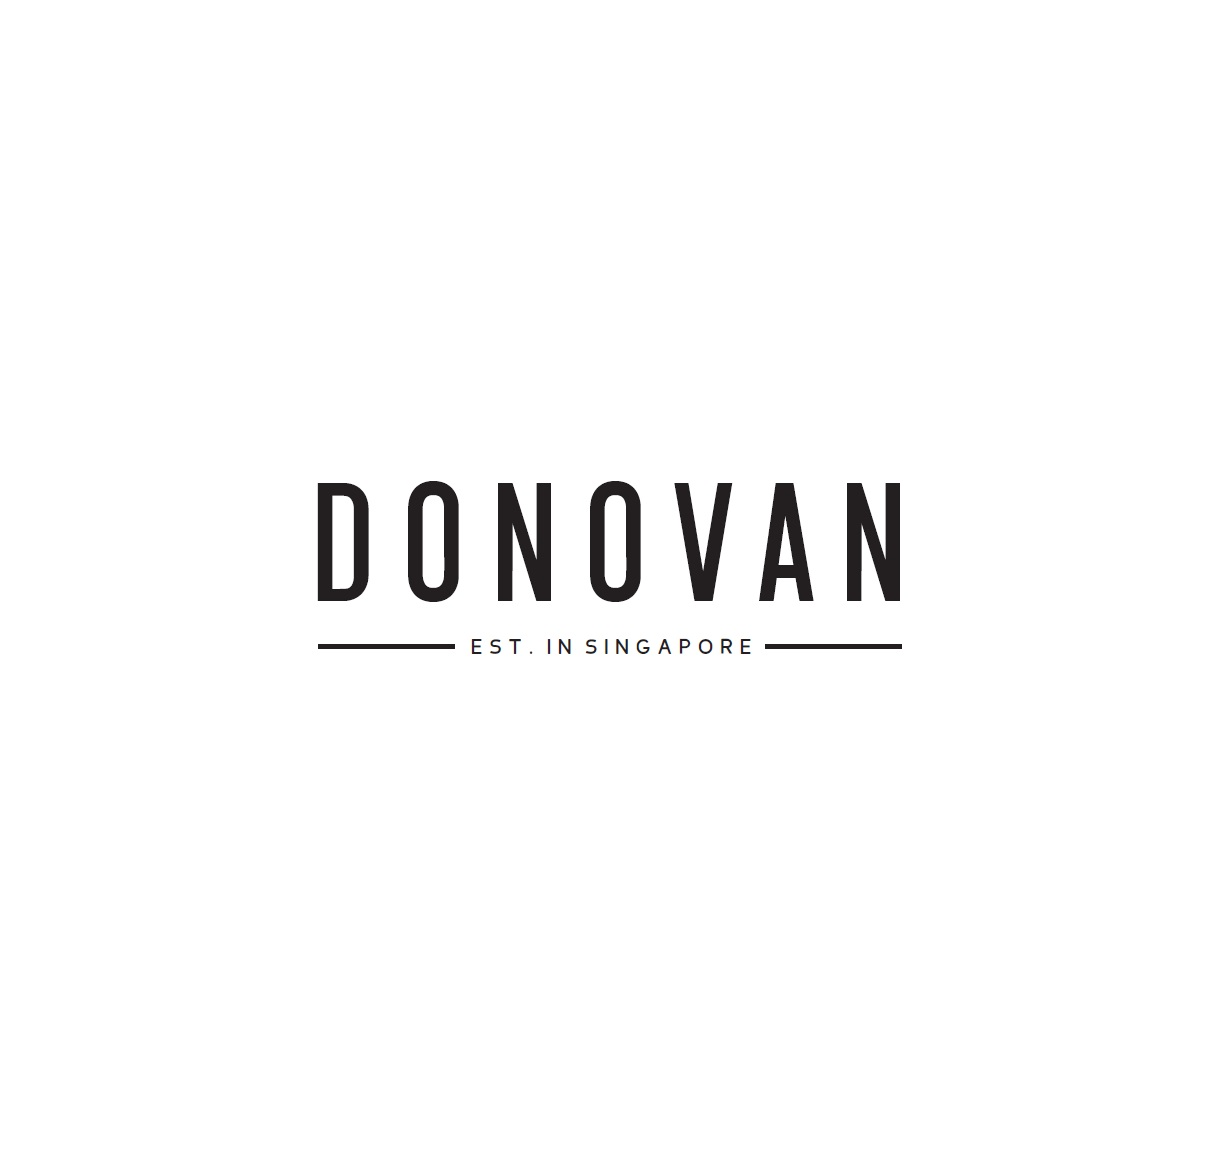 Donovan 3.jpg